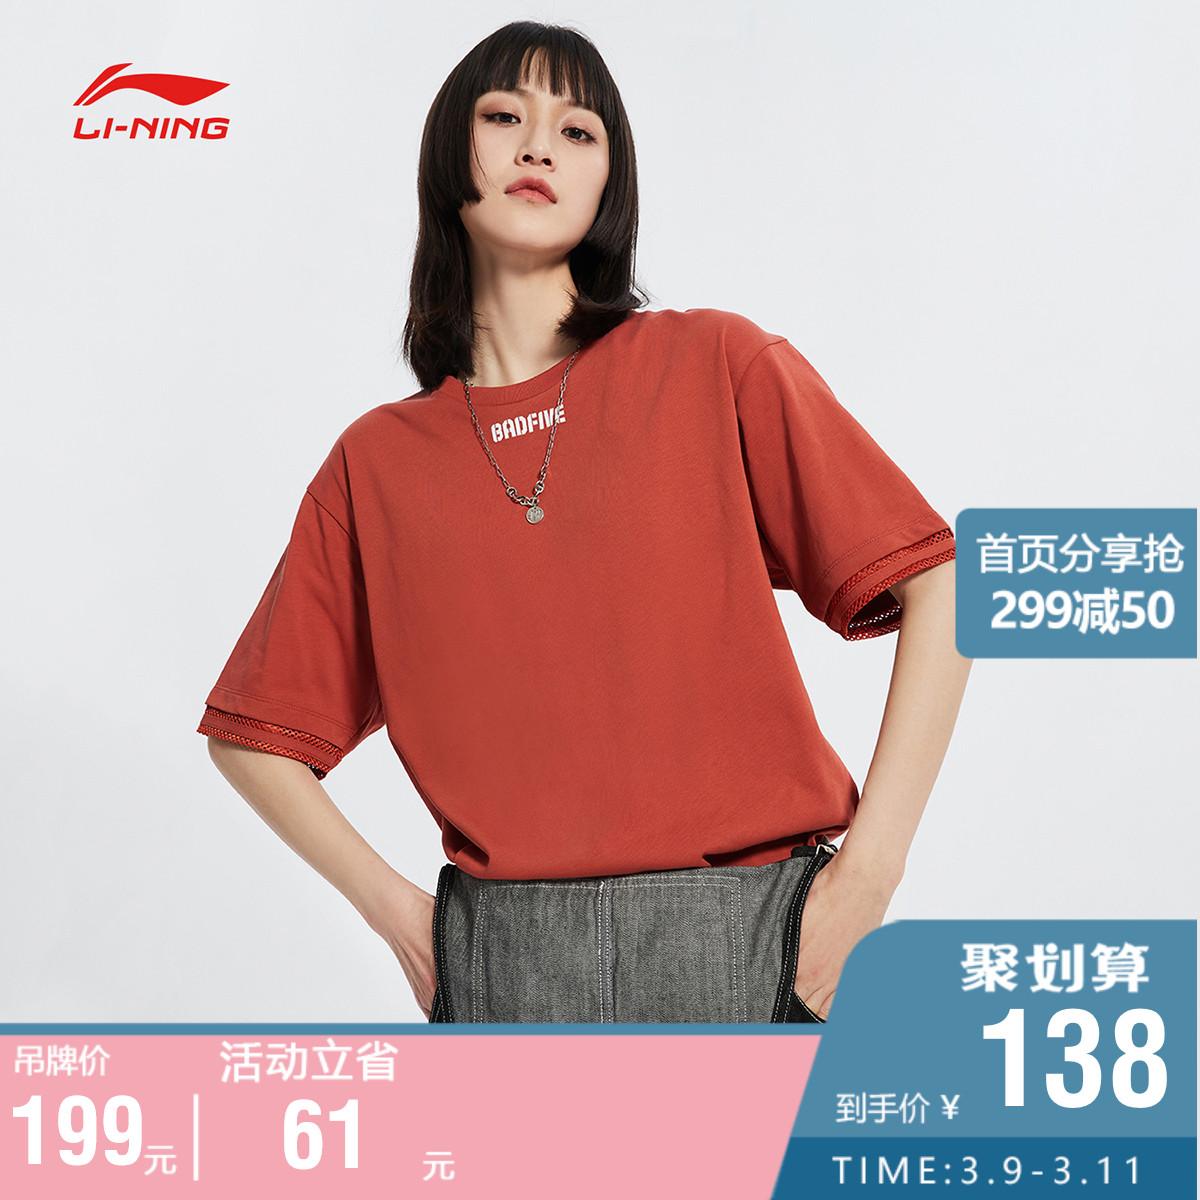 李宁短袖T恤女士2020新款BADFIVE篮球系列圆领时尚宽松针织运动服